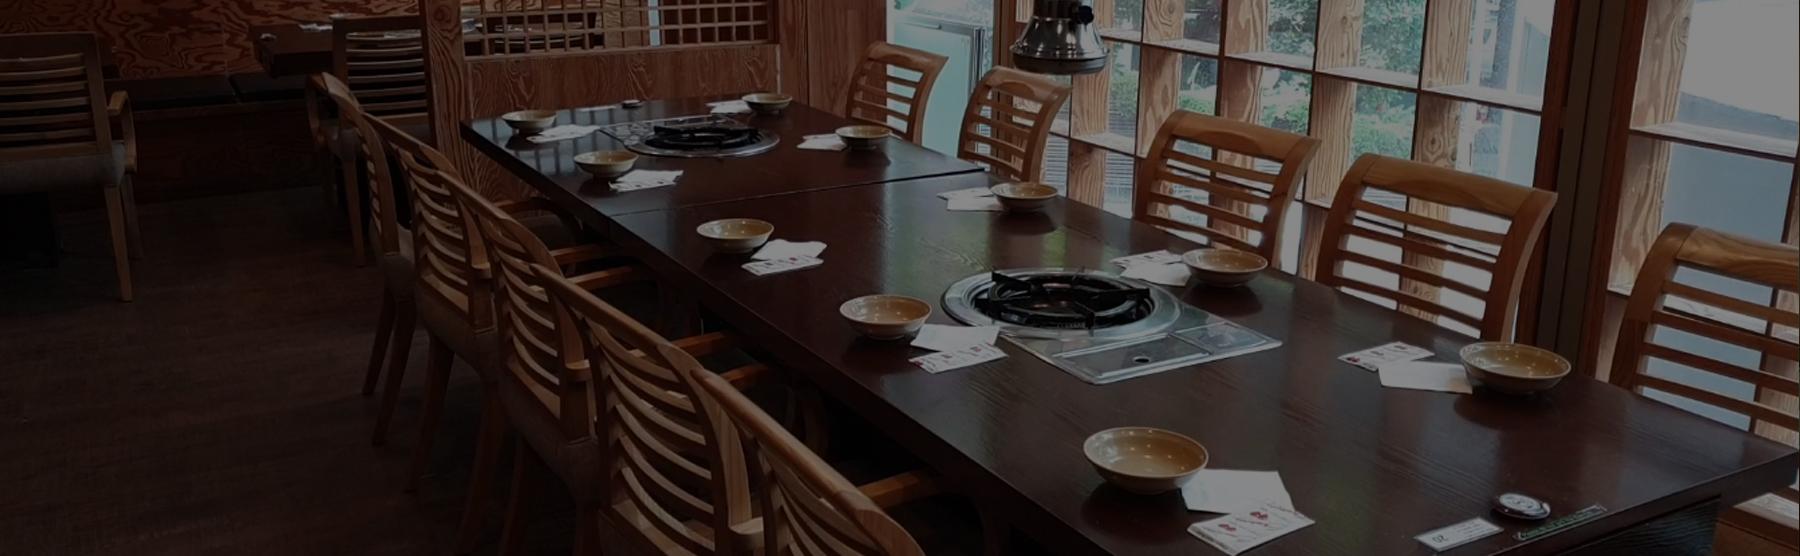 Reservation (Chinatown Brunch)